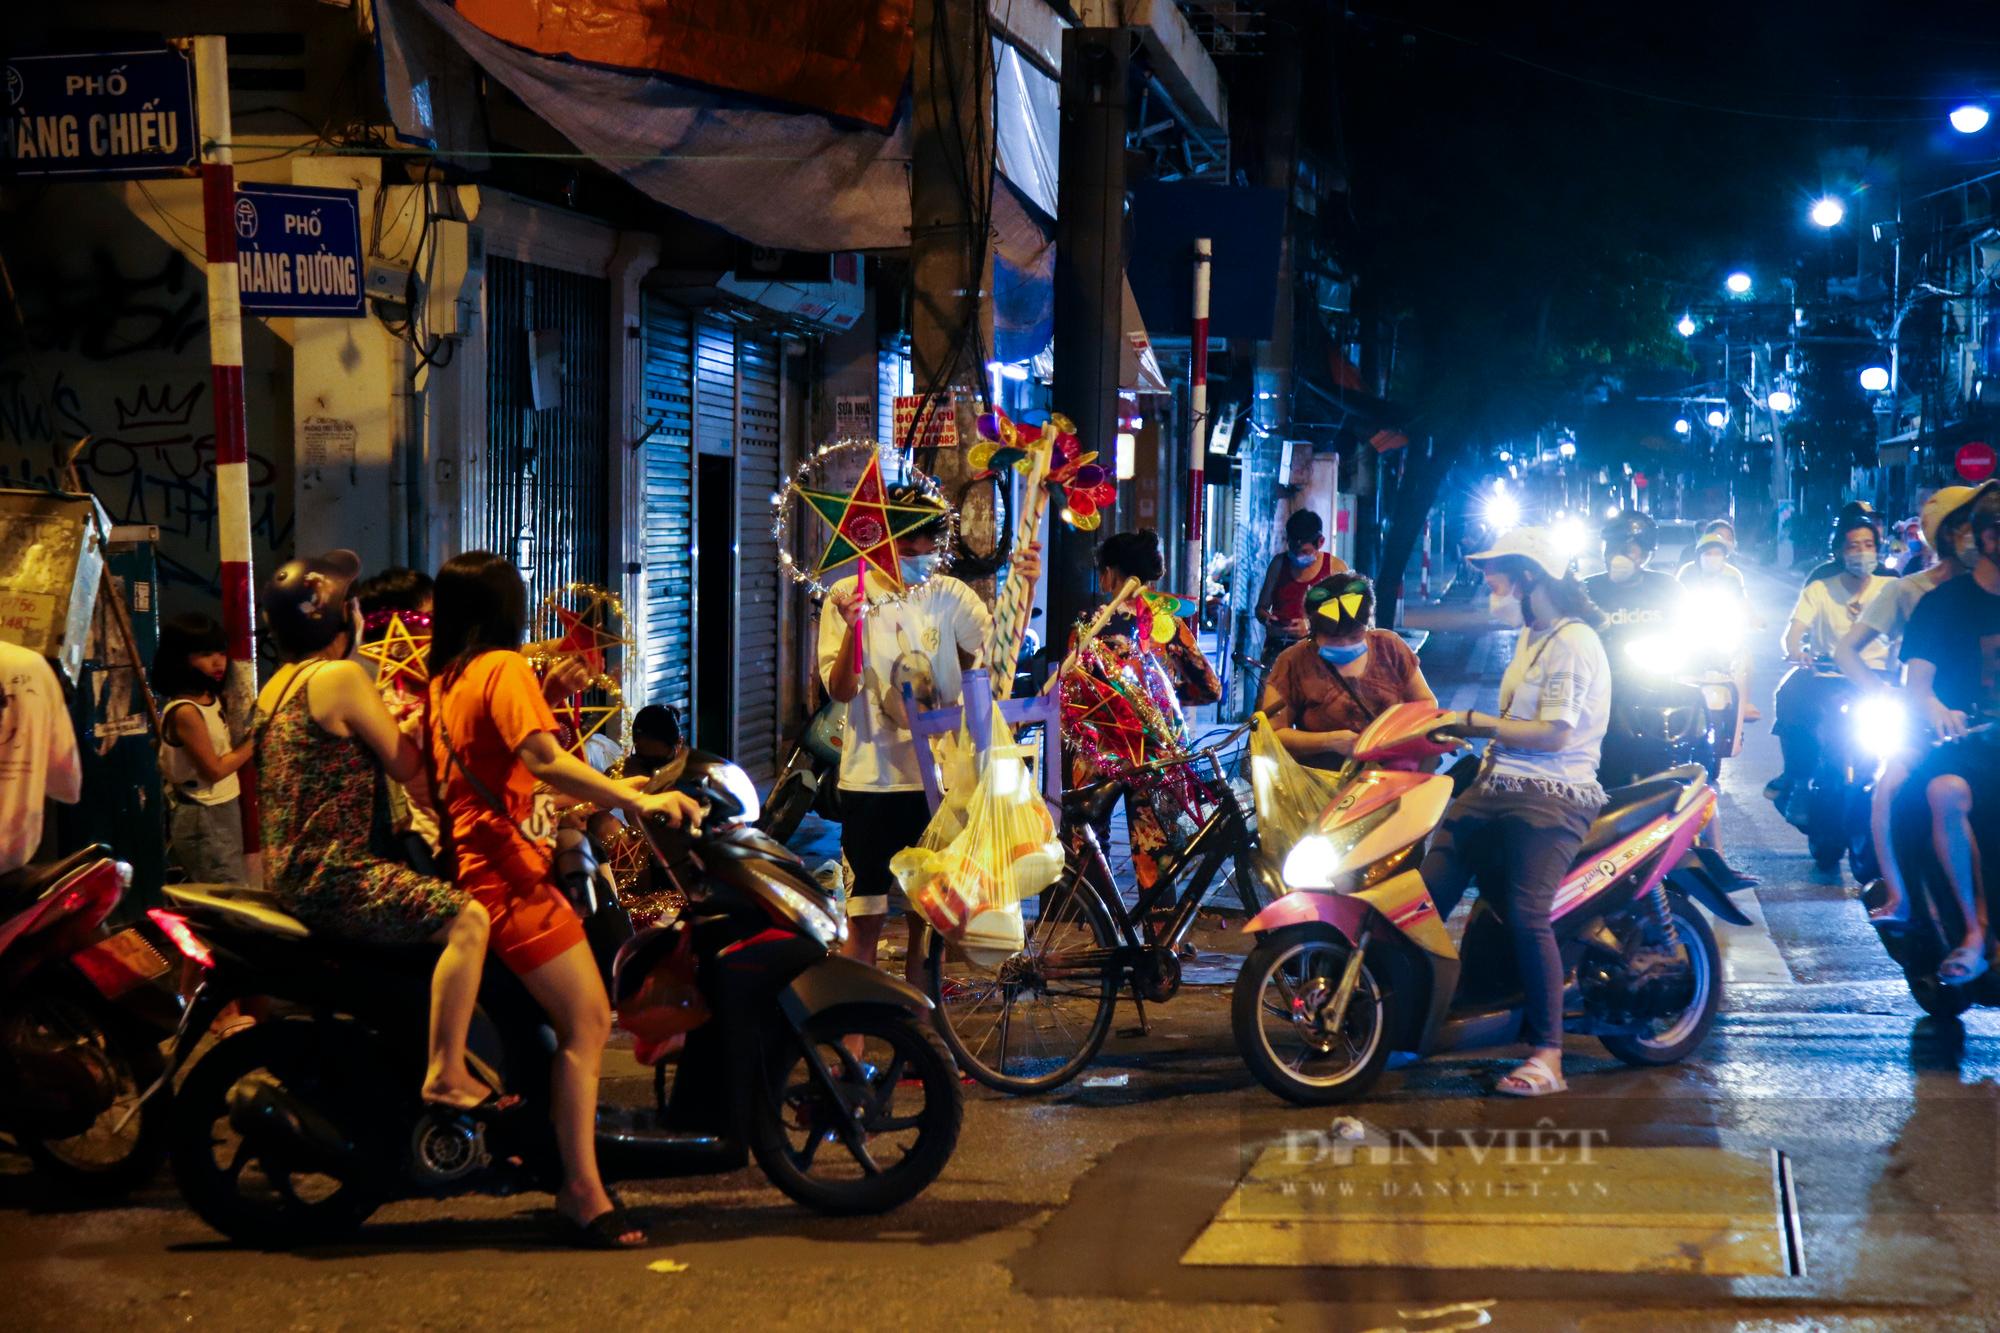 Ngày giãn cách cuối cùng, người dân rủ nhau lên phố cổ dạo chơi đêm trung thu - Ảnh 2.